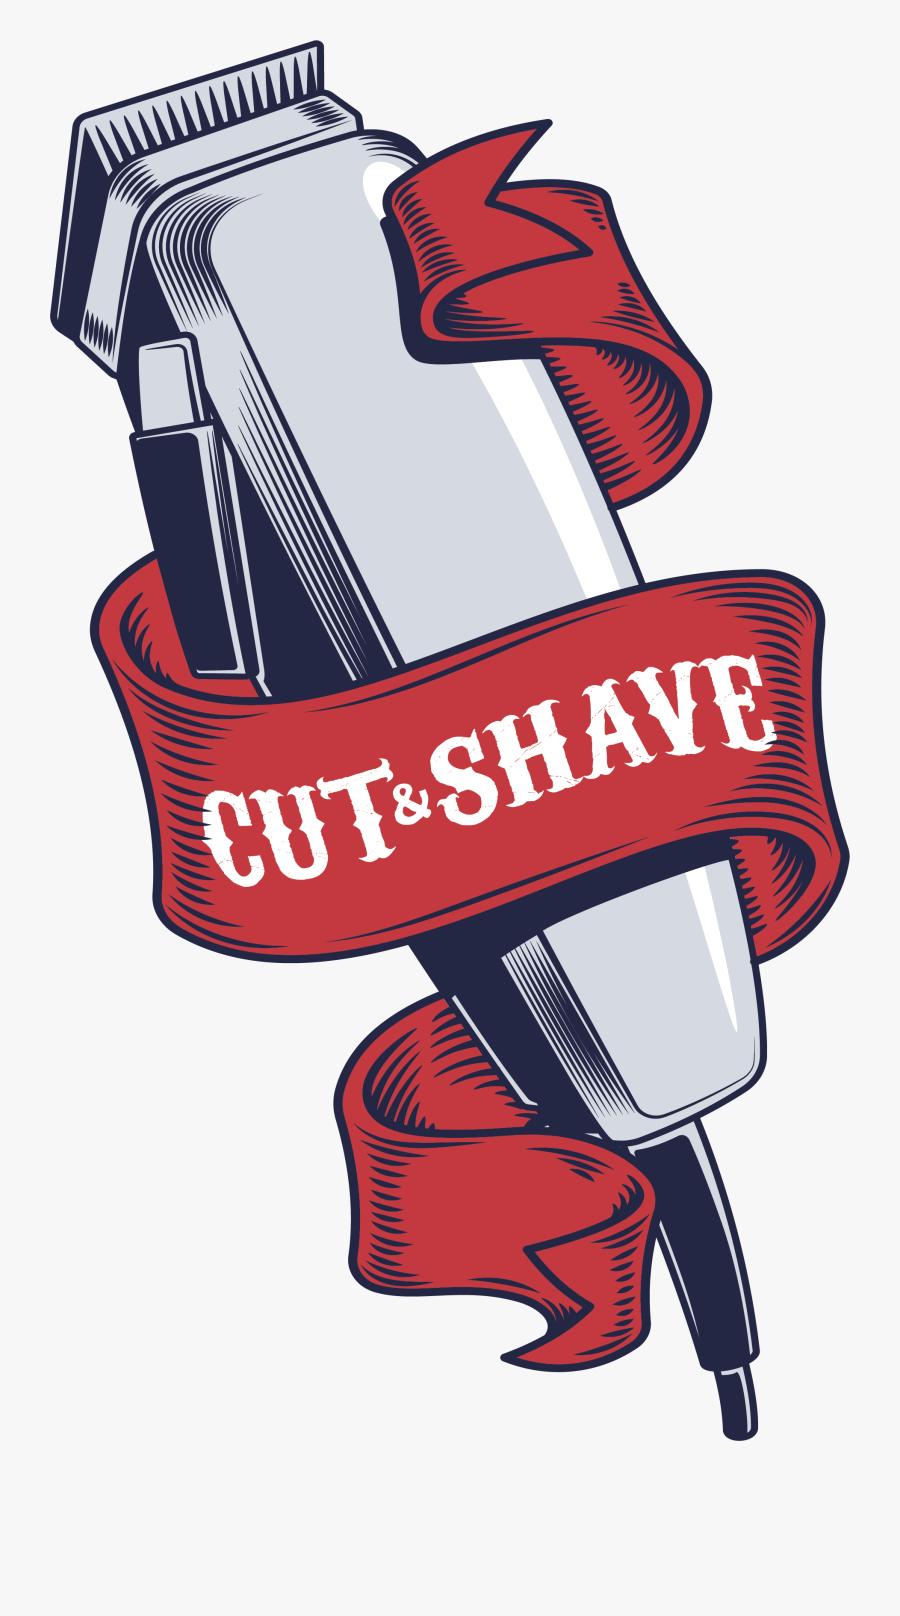 Clip Freeuse Hair Clipper Shaving Hairstyle - Hair Clipper Clip Art, Transparent Clipart